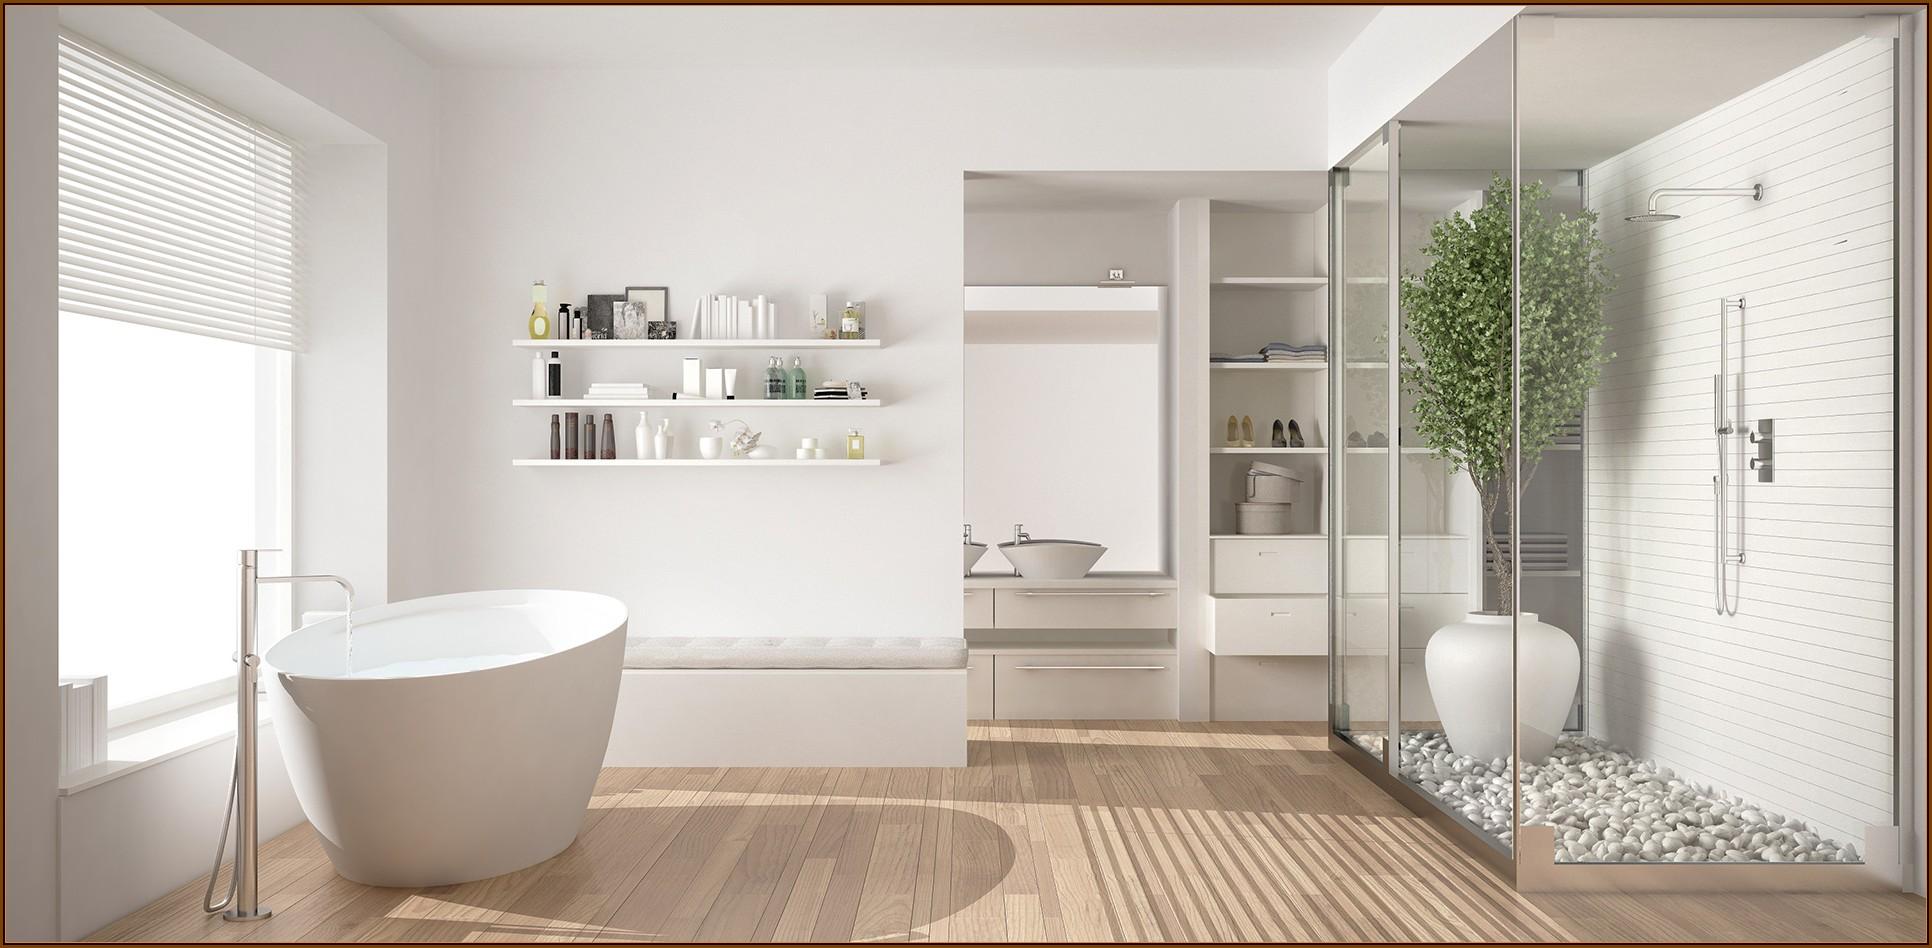 Bilder Moderne Badezimmer